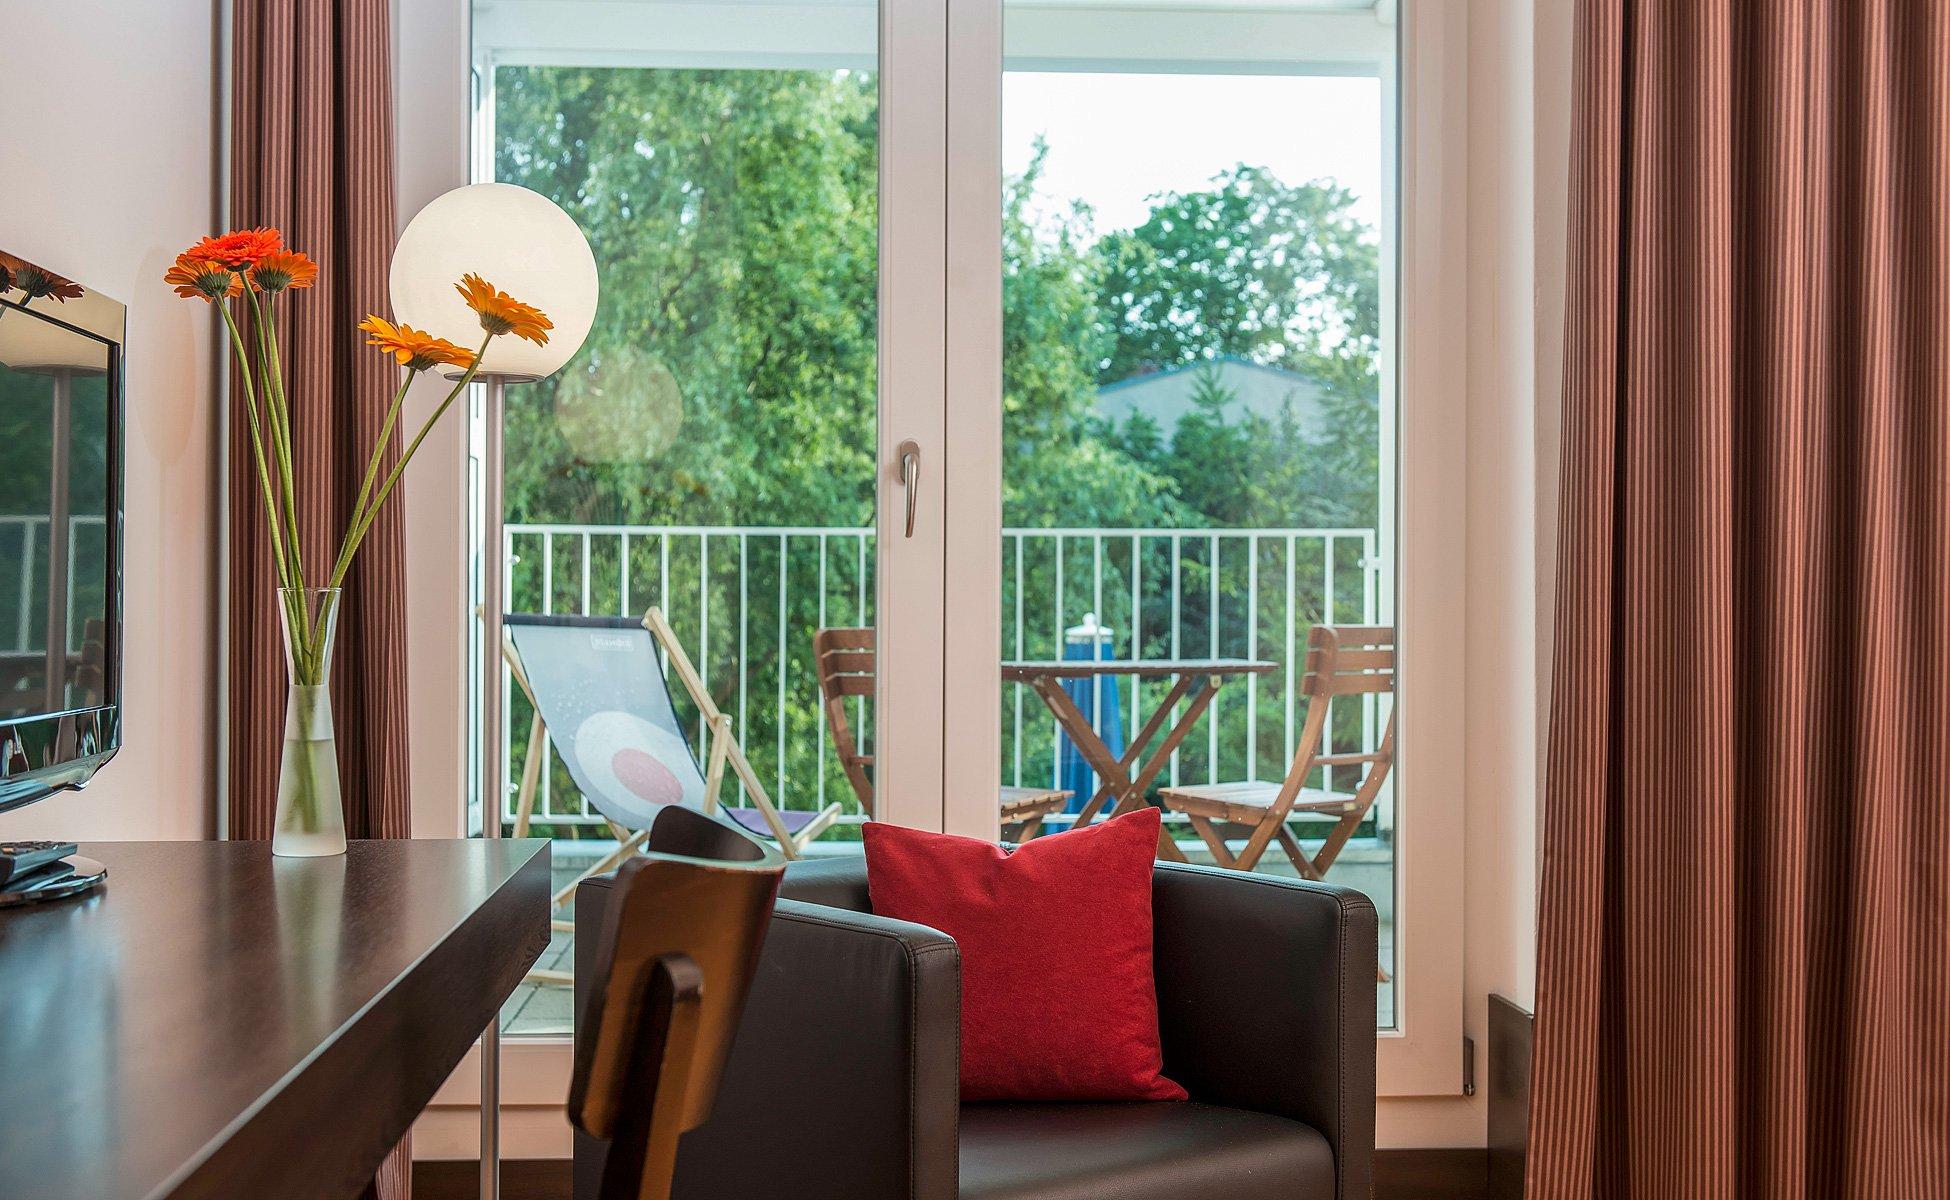 Hotel-Grenzfall Gartenblickzimmer mit Balkon Detail